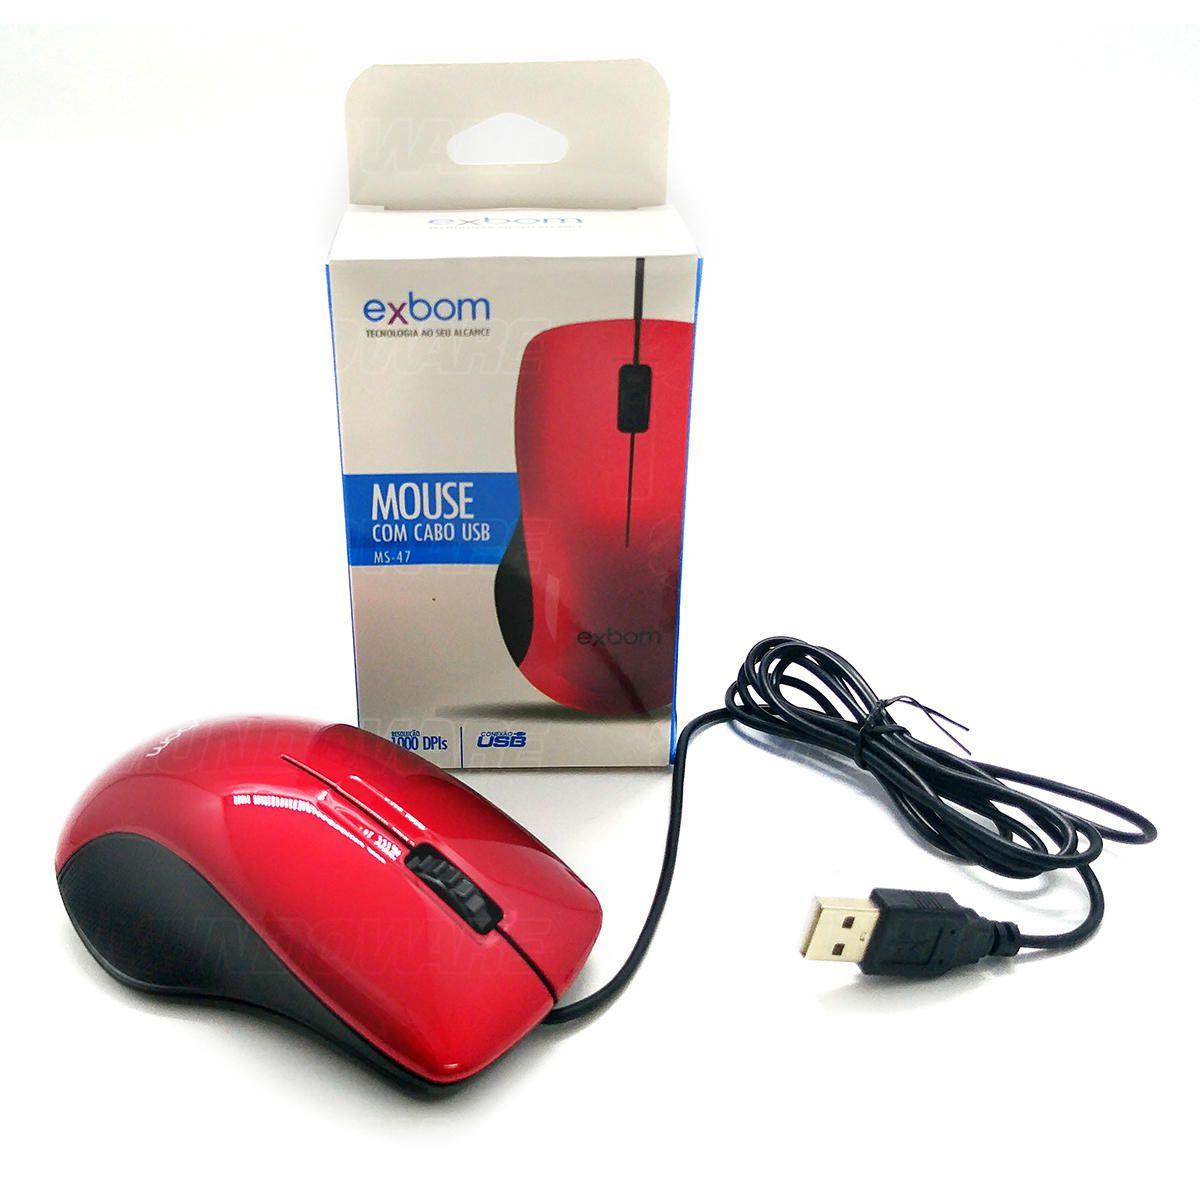 Mouse com cabo USB 1000DPIs Exbom MS47 Vermelho com Acabamento Brilhante